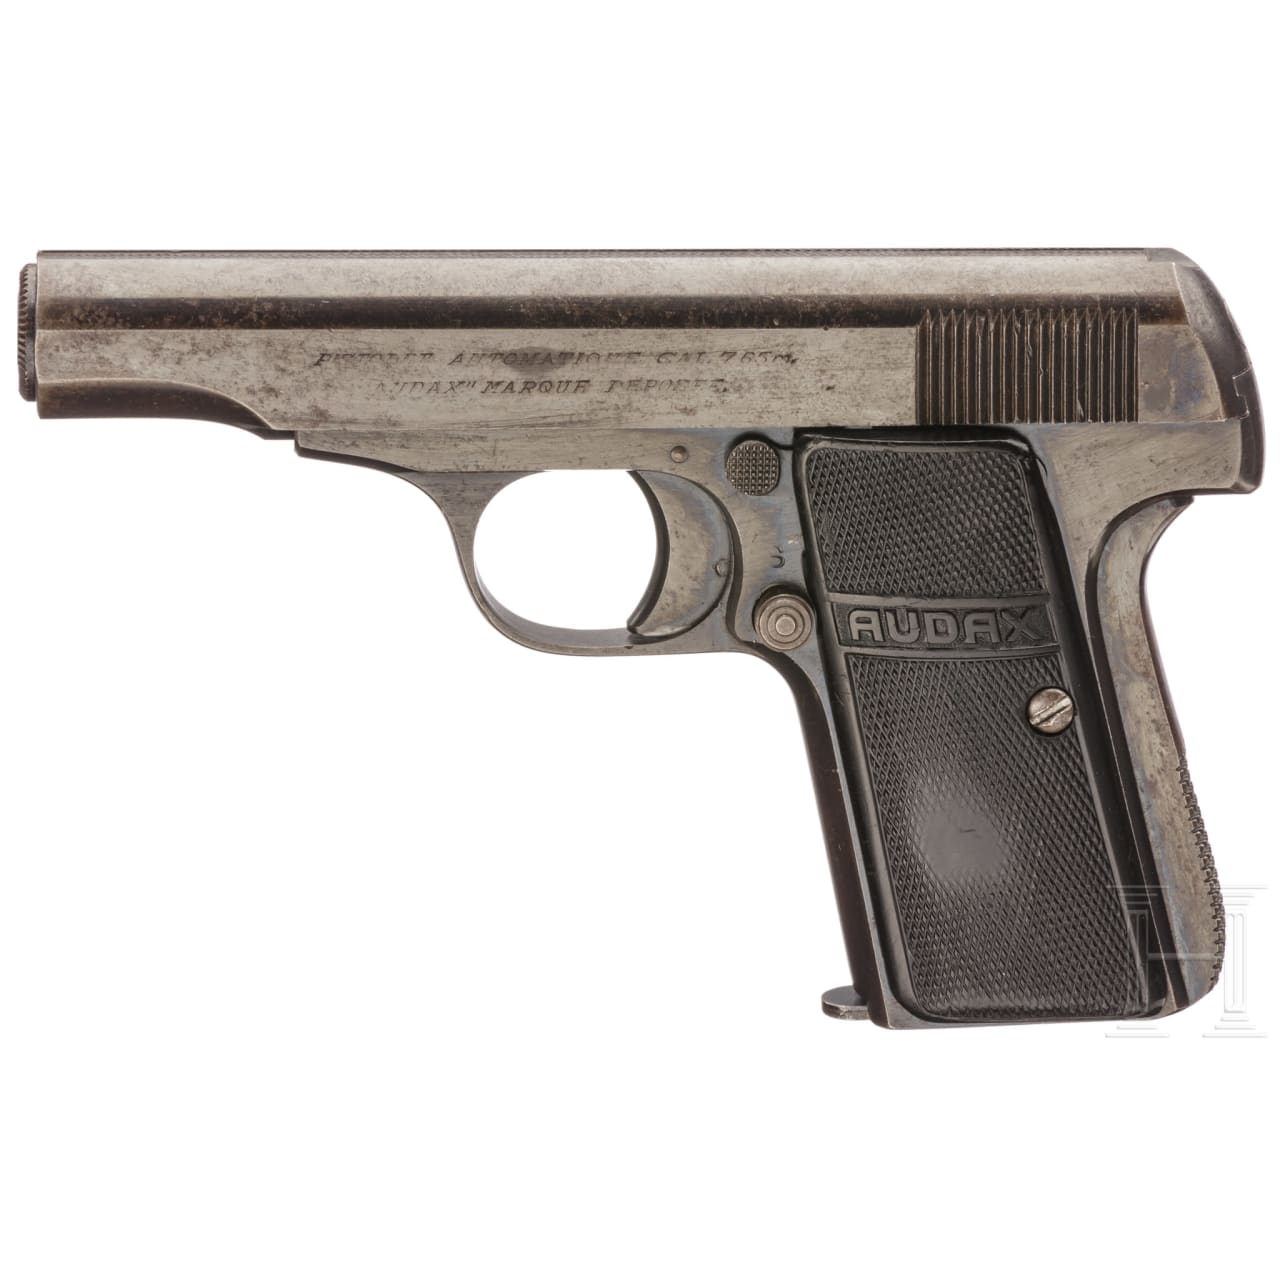 Taschenpistole Audax, Frankreich